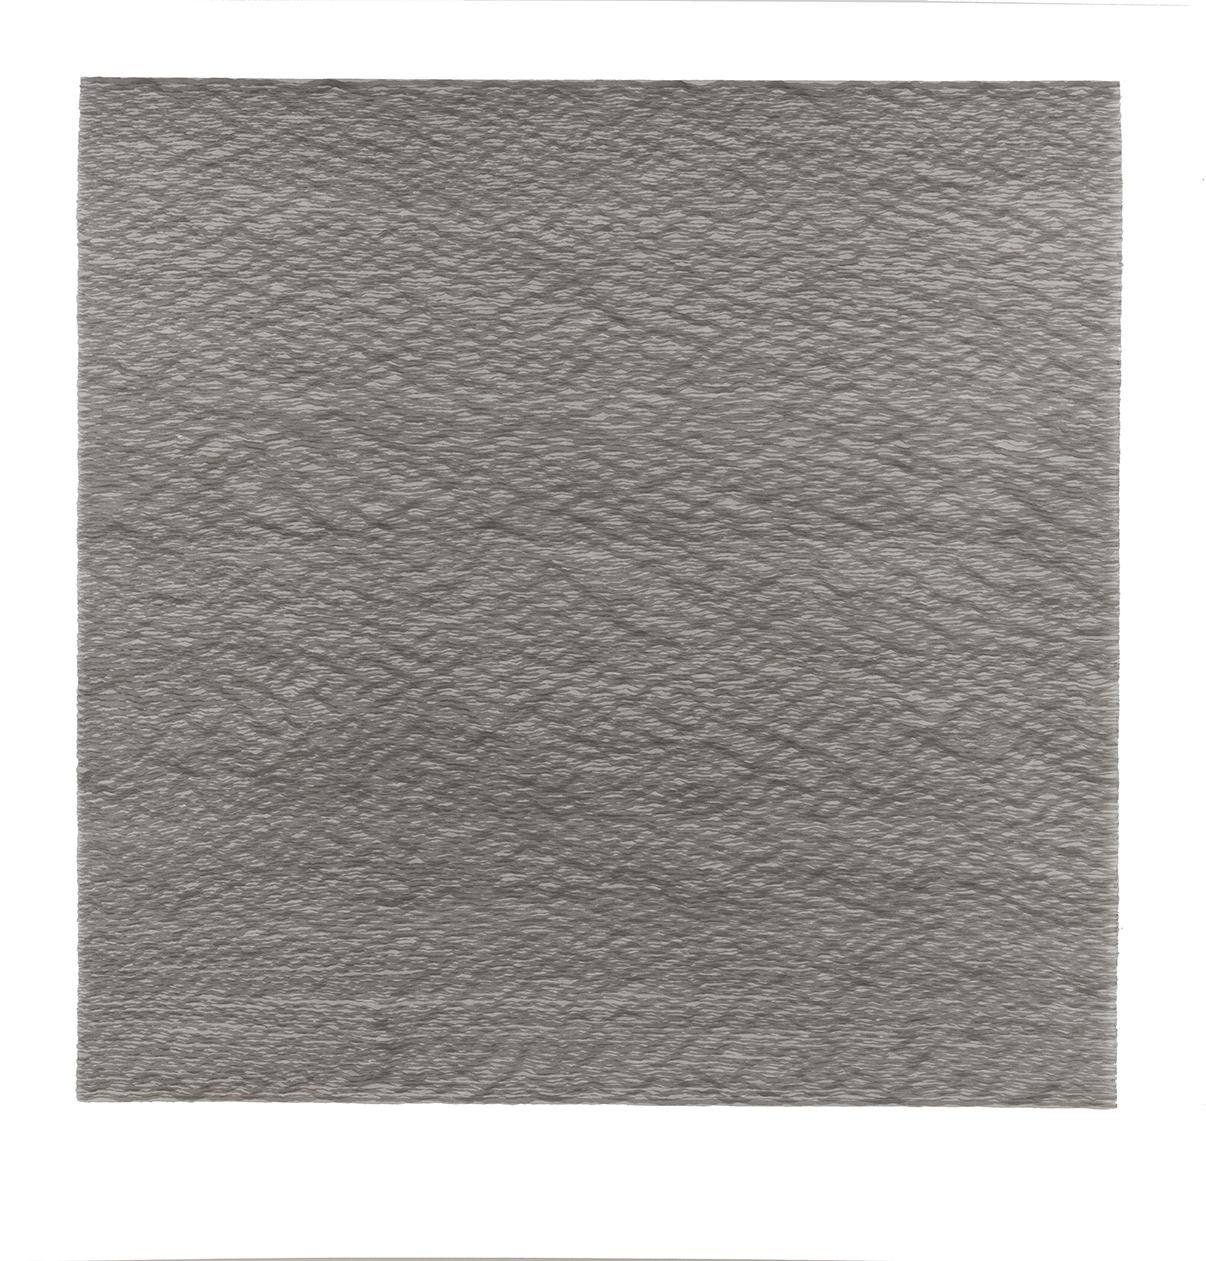 Wellen (dunkel/unregelmäßig)